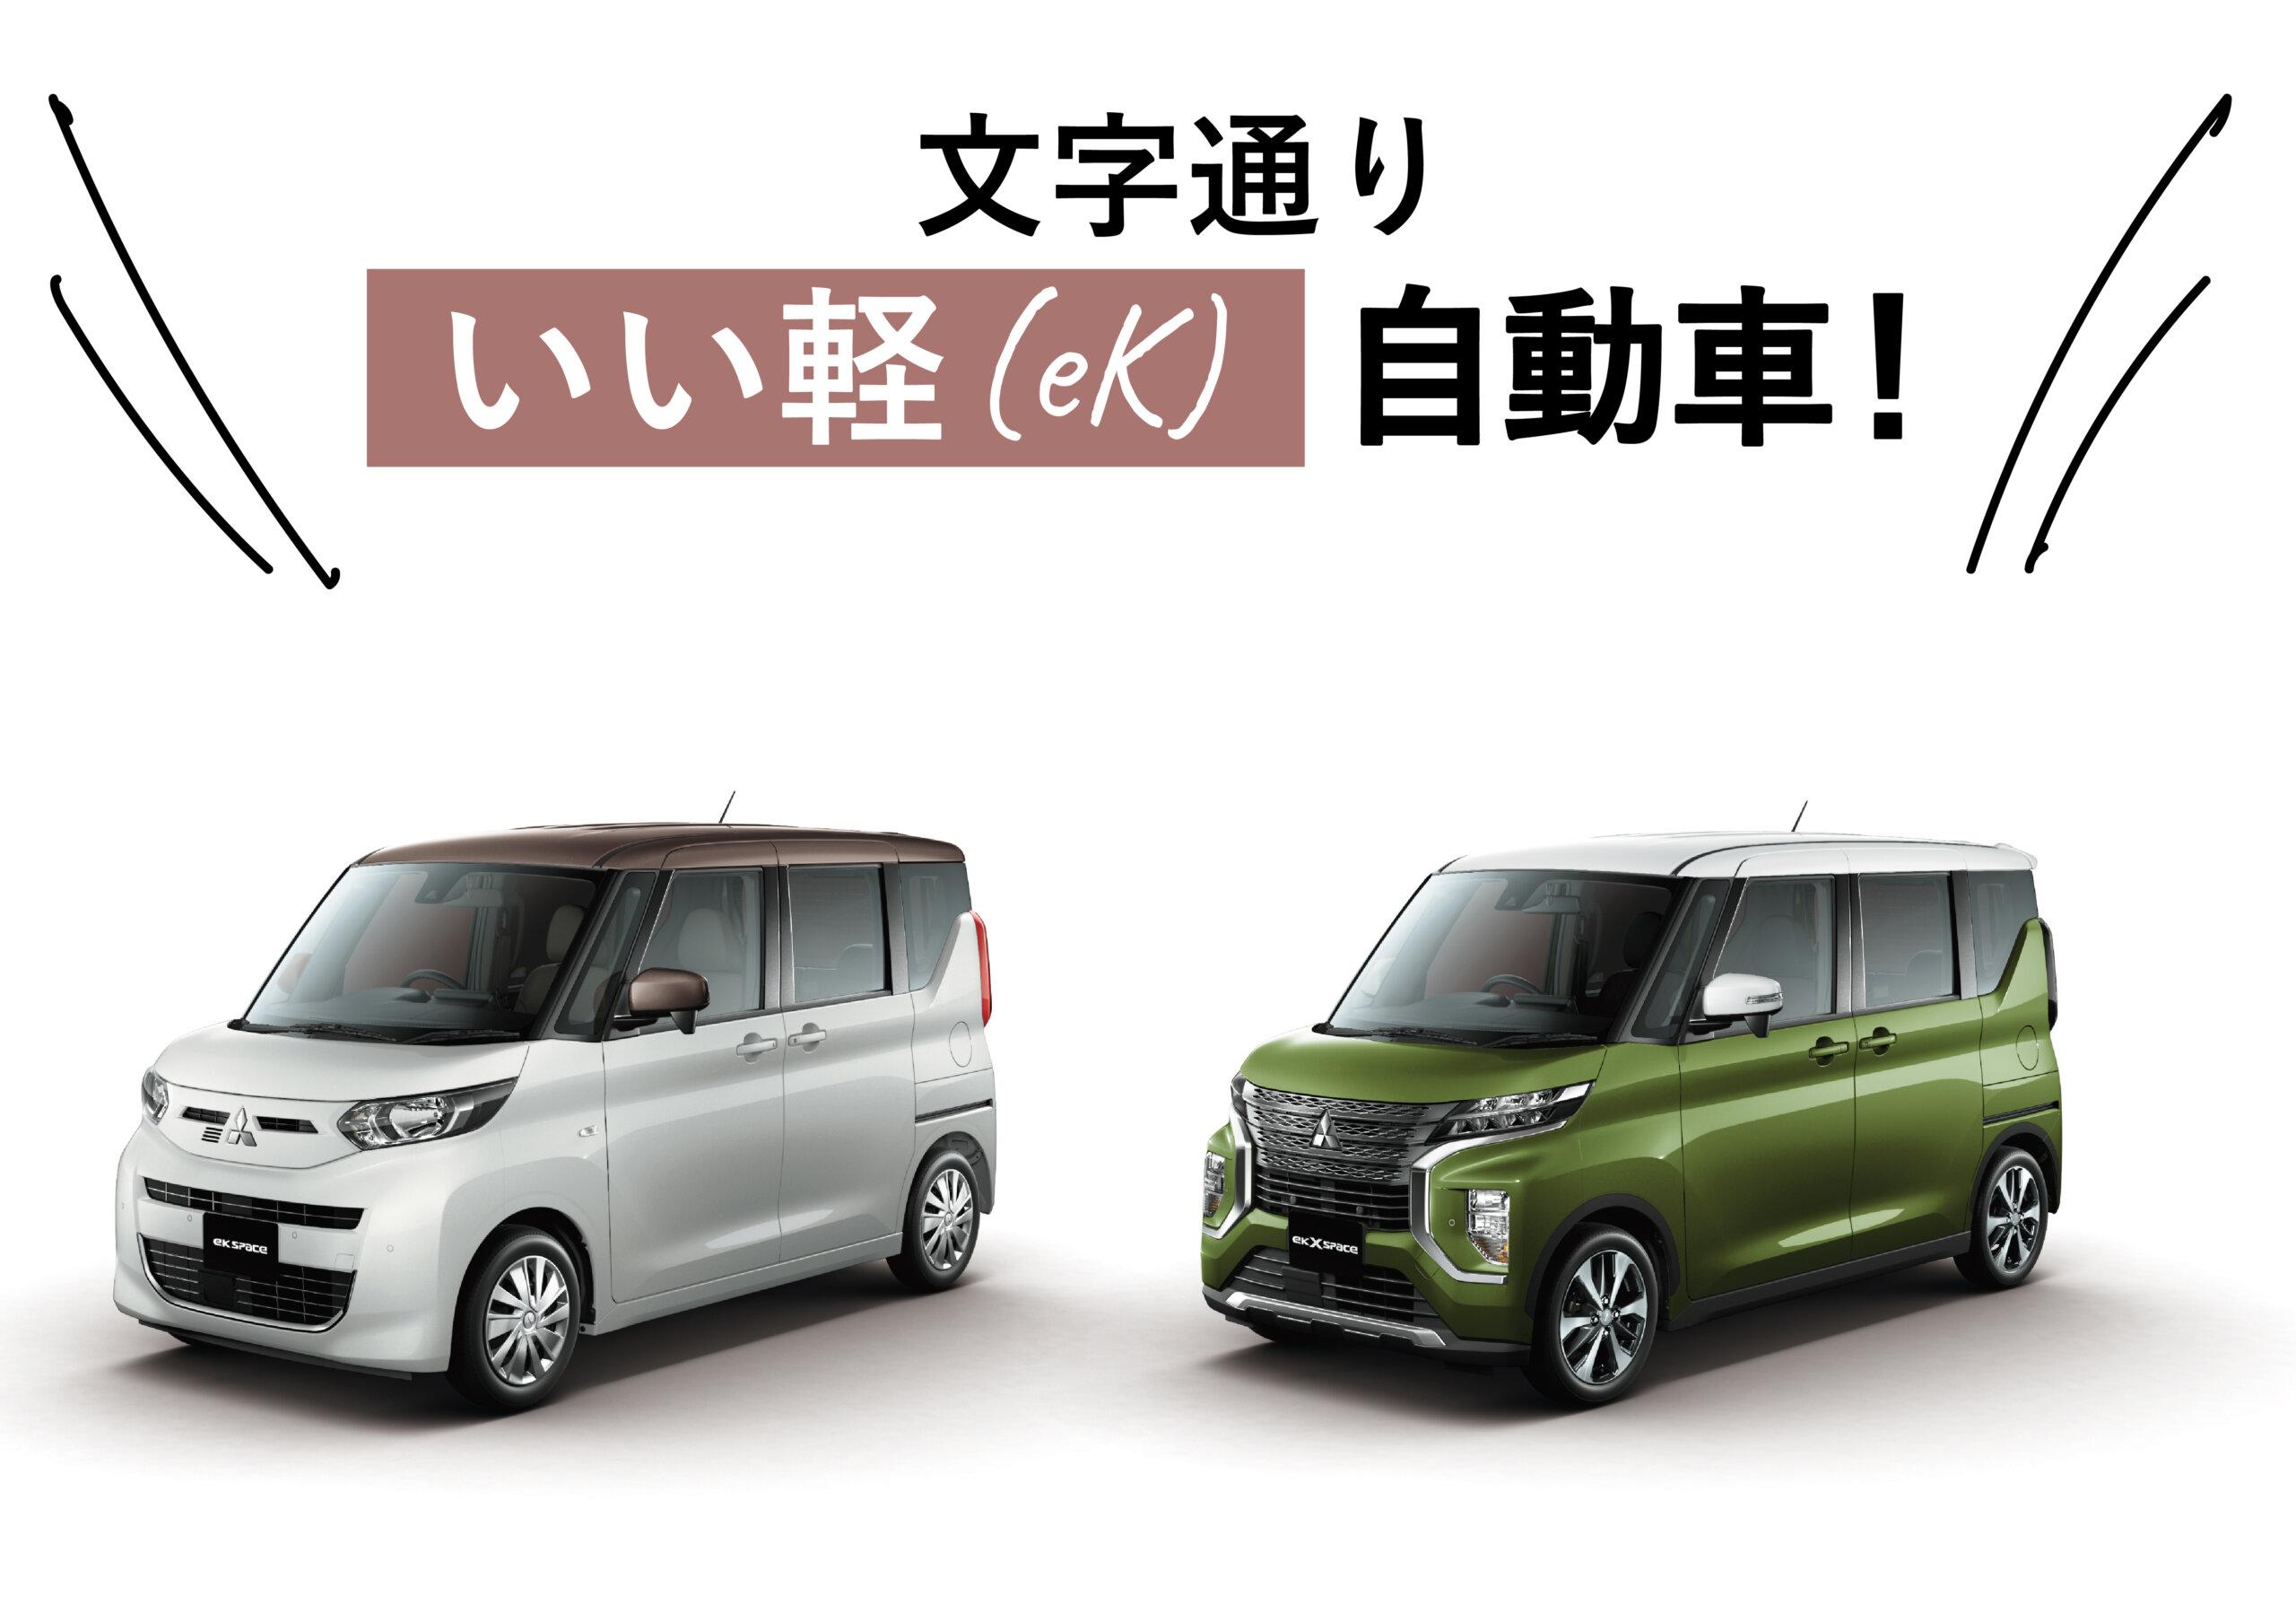 文字通り いい軽(eK)自動車!